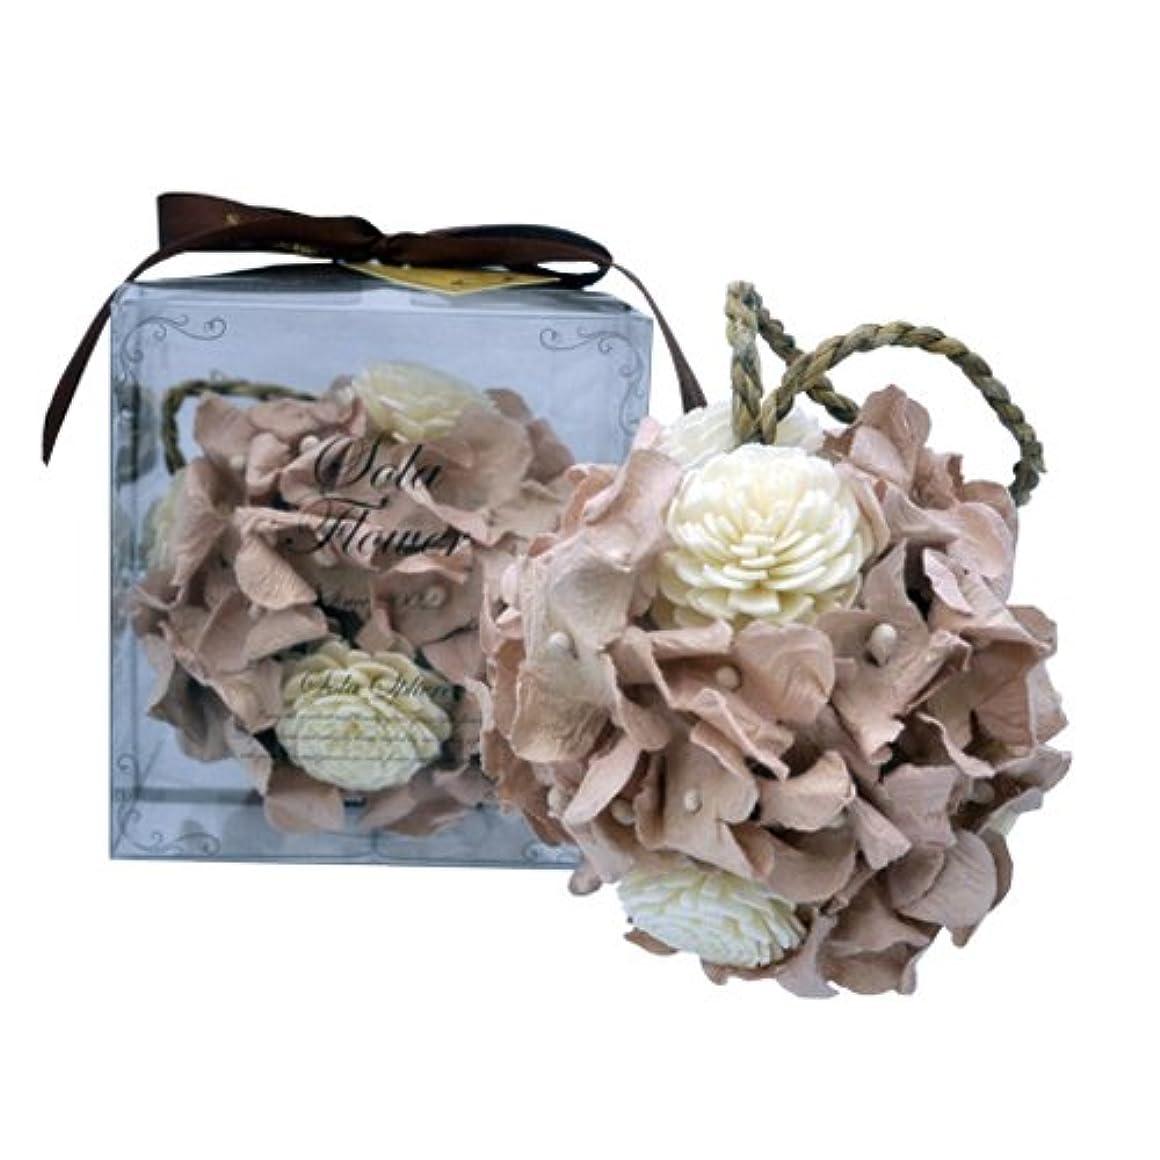 セブン滞在虫を数えるnew Sola Flower ソラフラワー スフィア Sweet Dahlia スウィートダリア Sphere